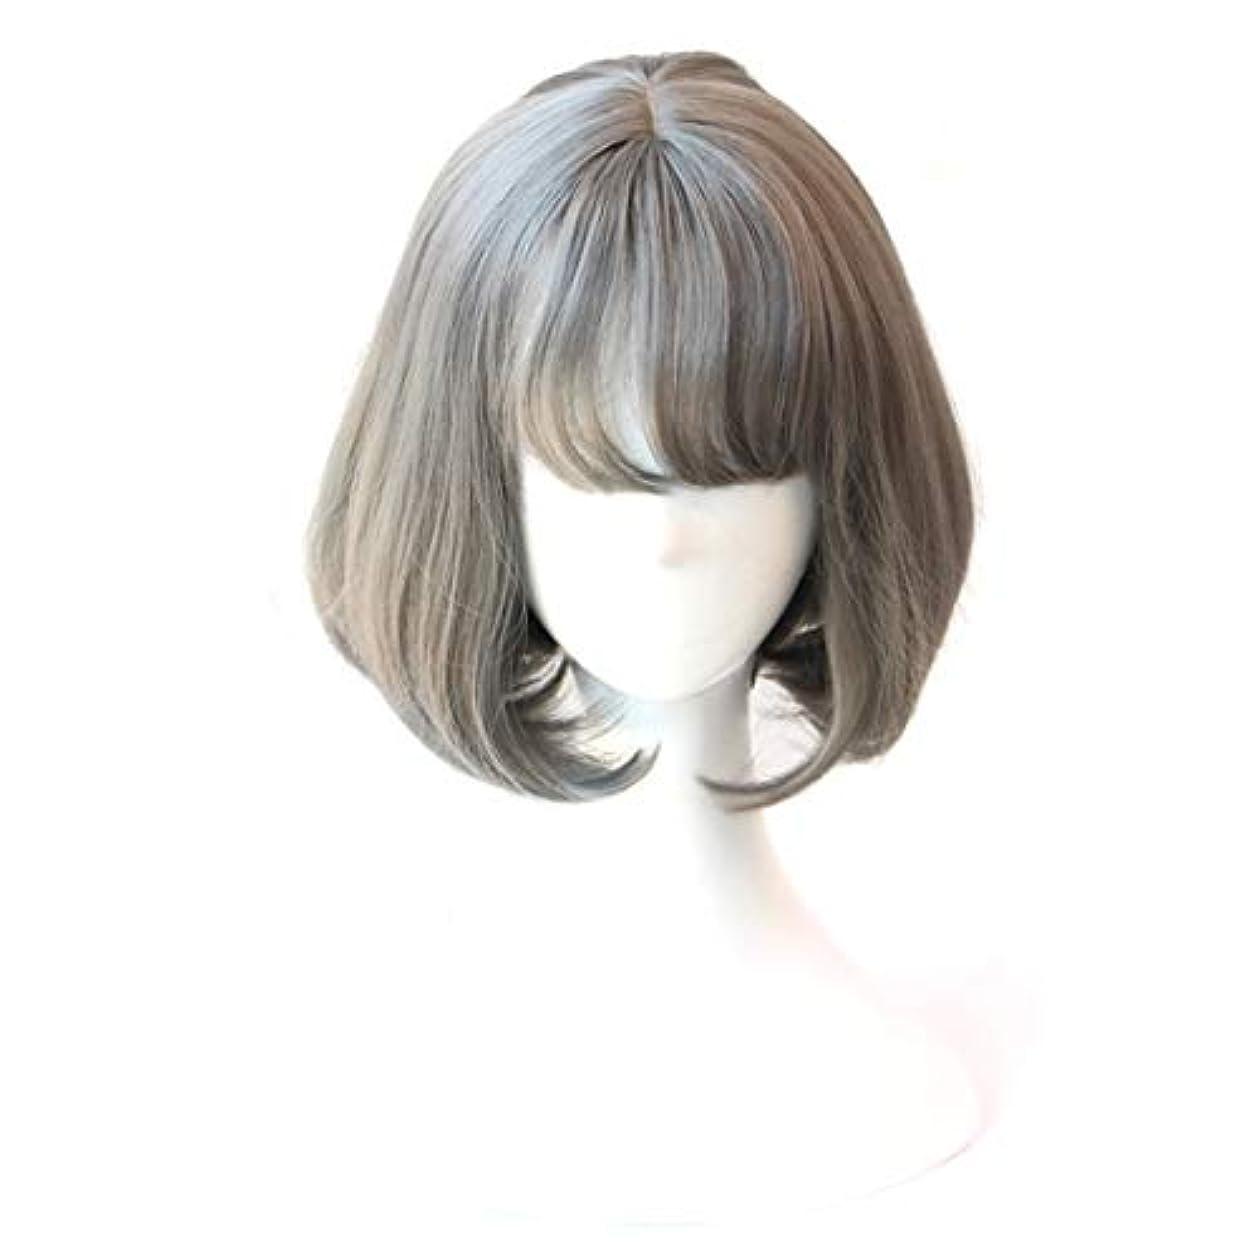 アミューズ残酷従事するYOUQIU 女の子のかつら用ウィッグエア前髪ショートヘアウィッグBOB (色 : Grandma ash)